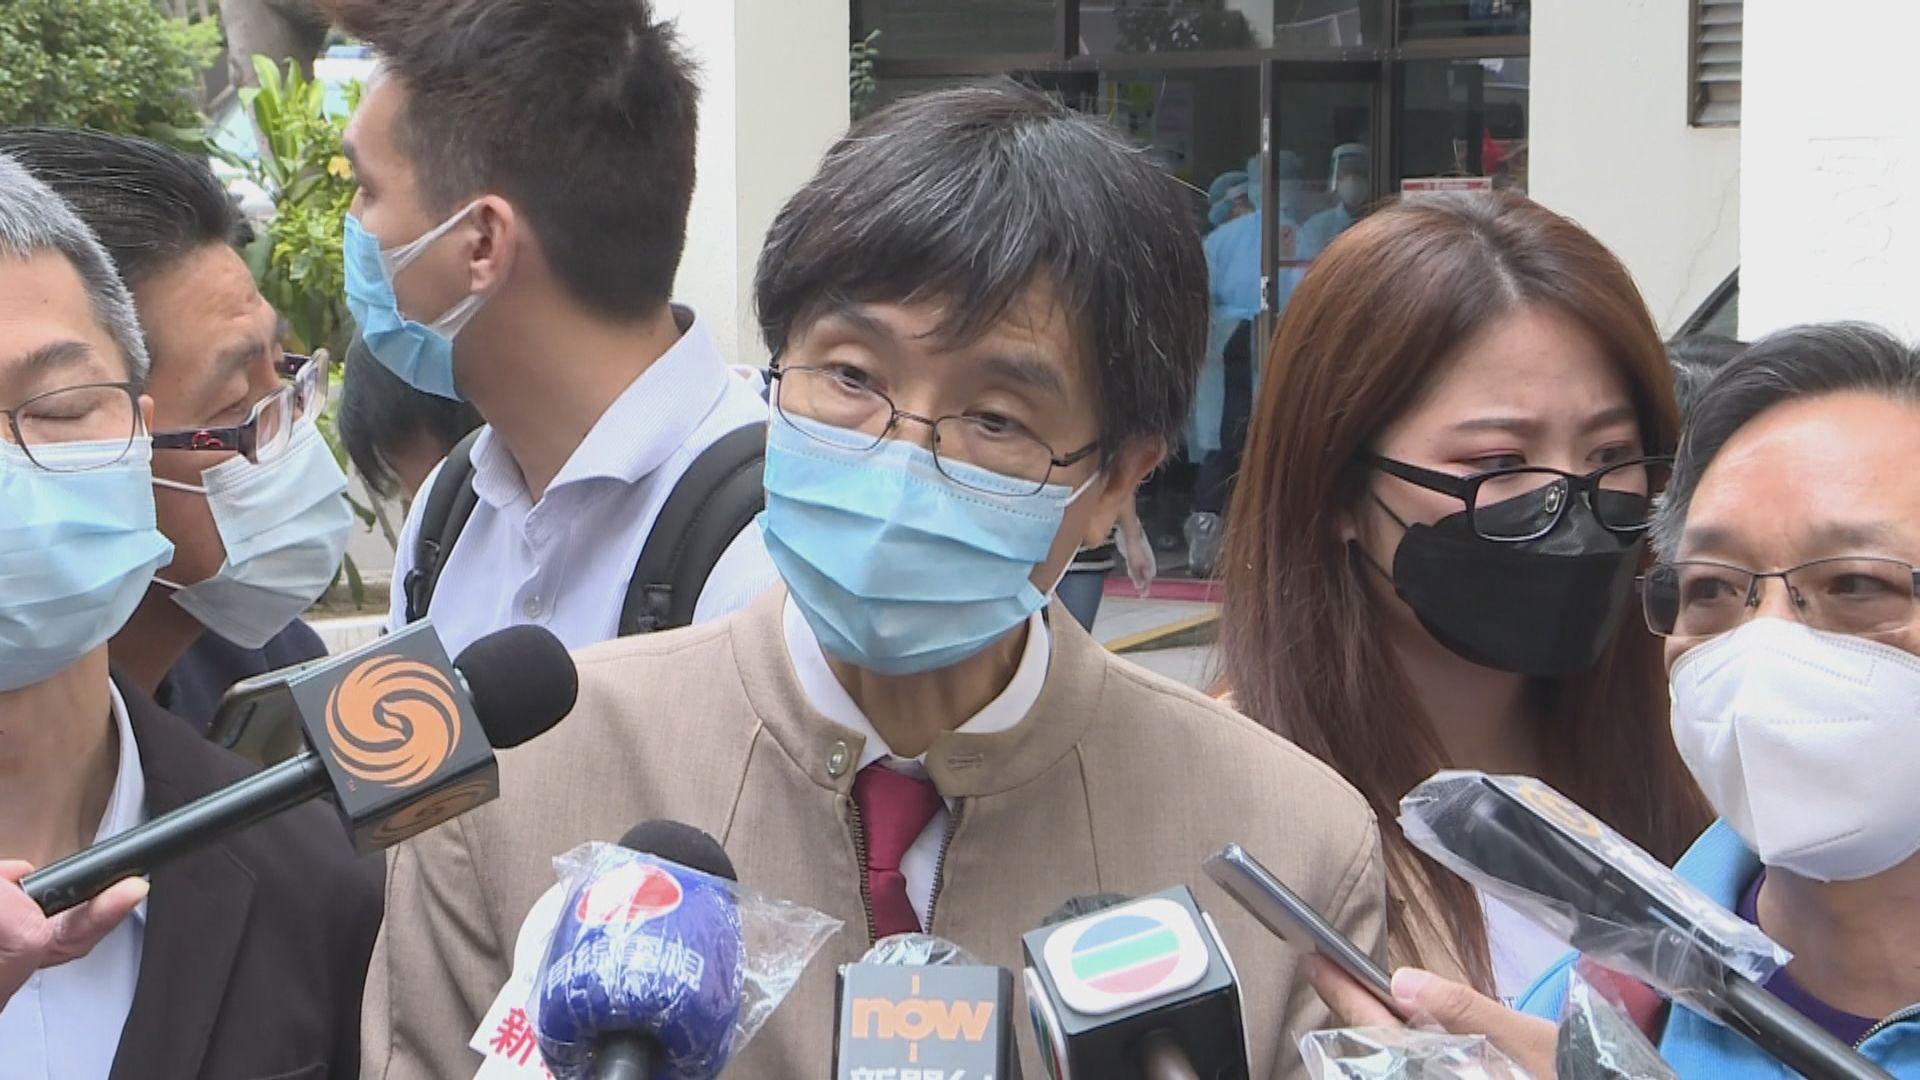 袁國勇:若麗晶花園六座更多住戶確診 需考慮全座撤離